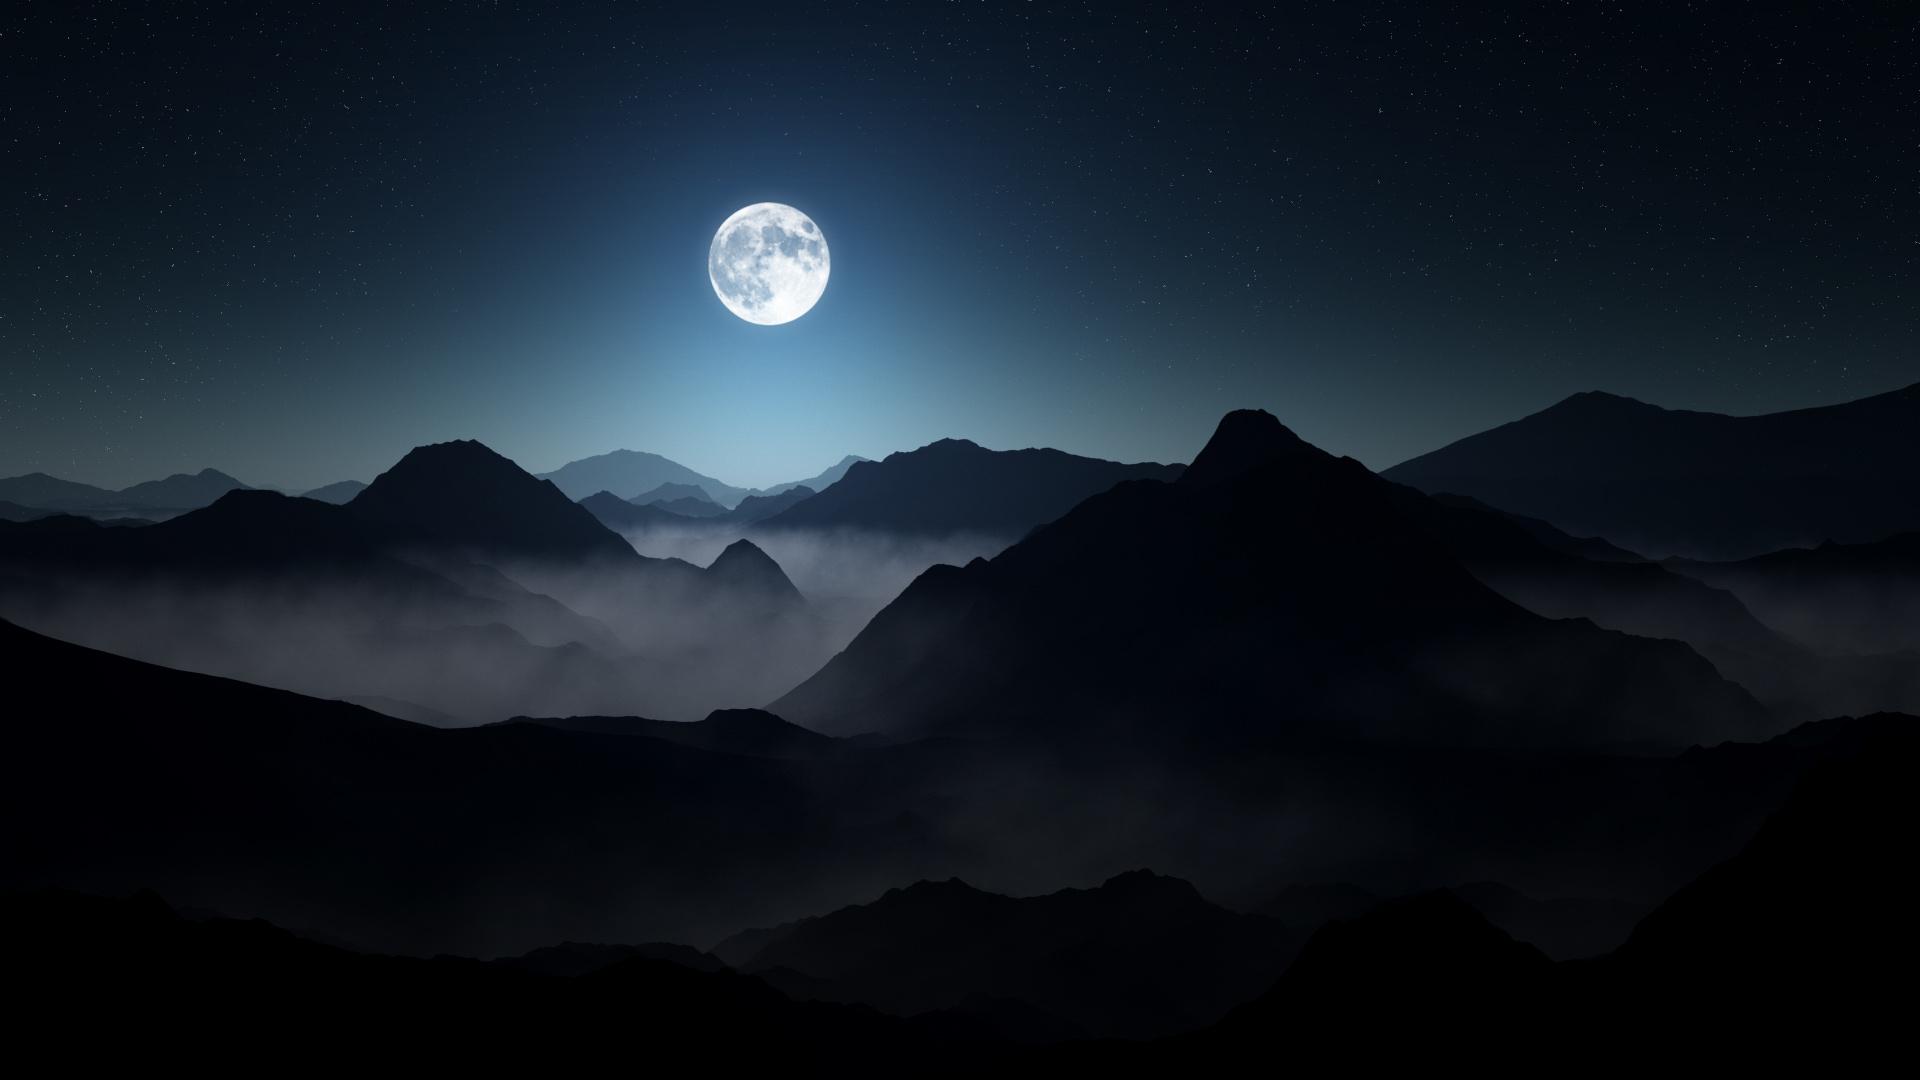 Nocturnia, el problema de miccionar demasiado por la noche